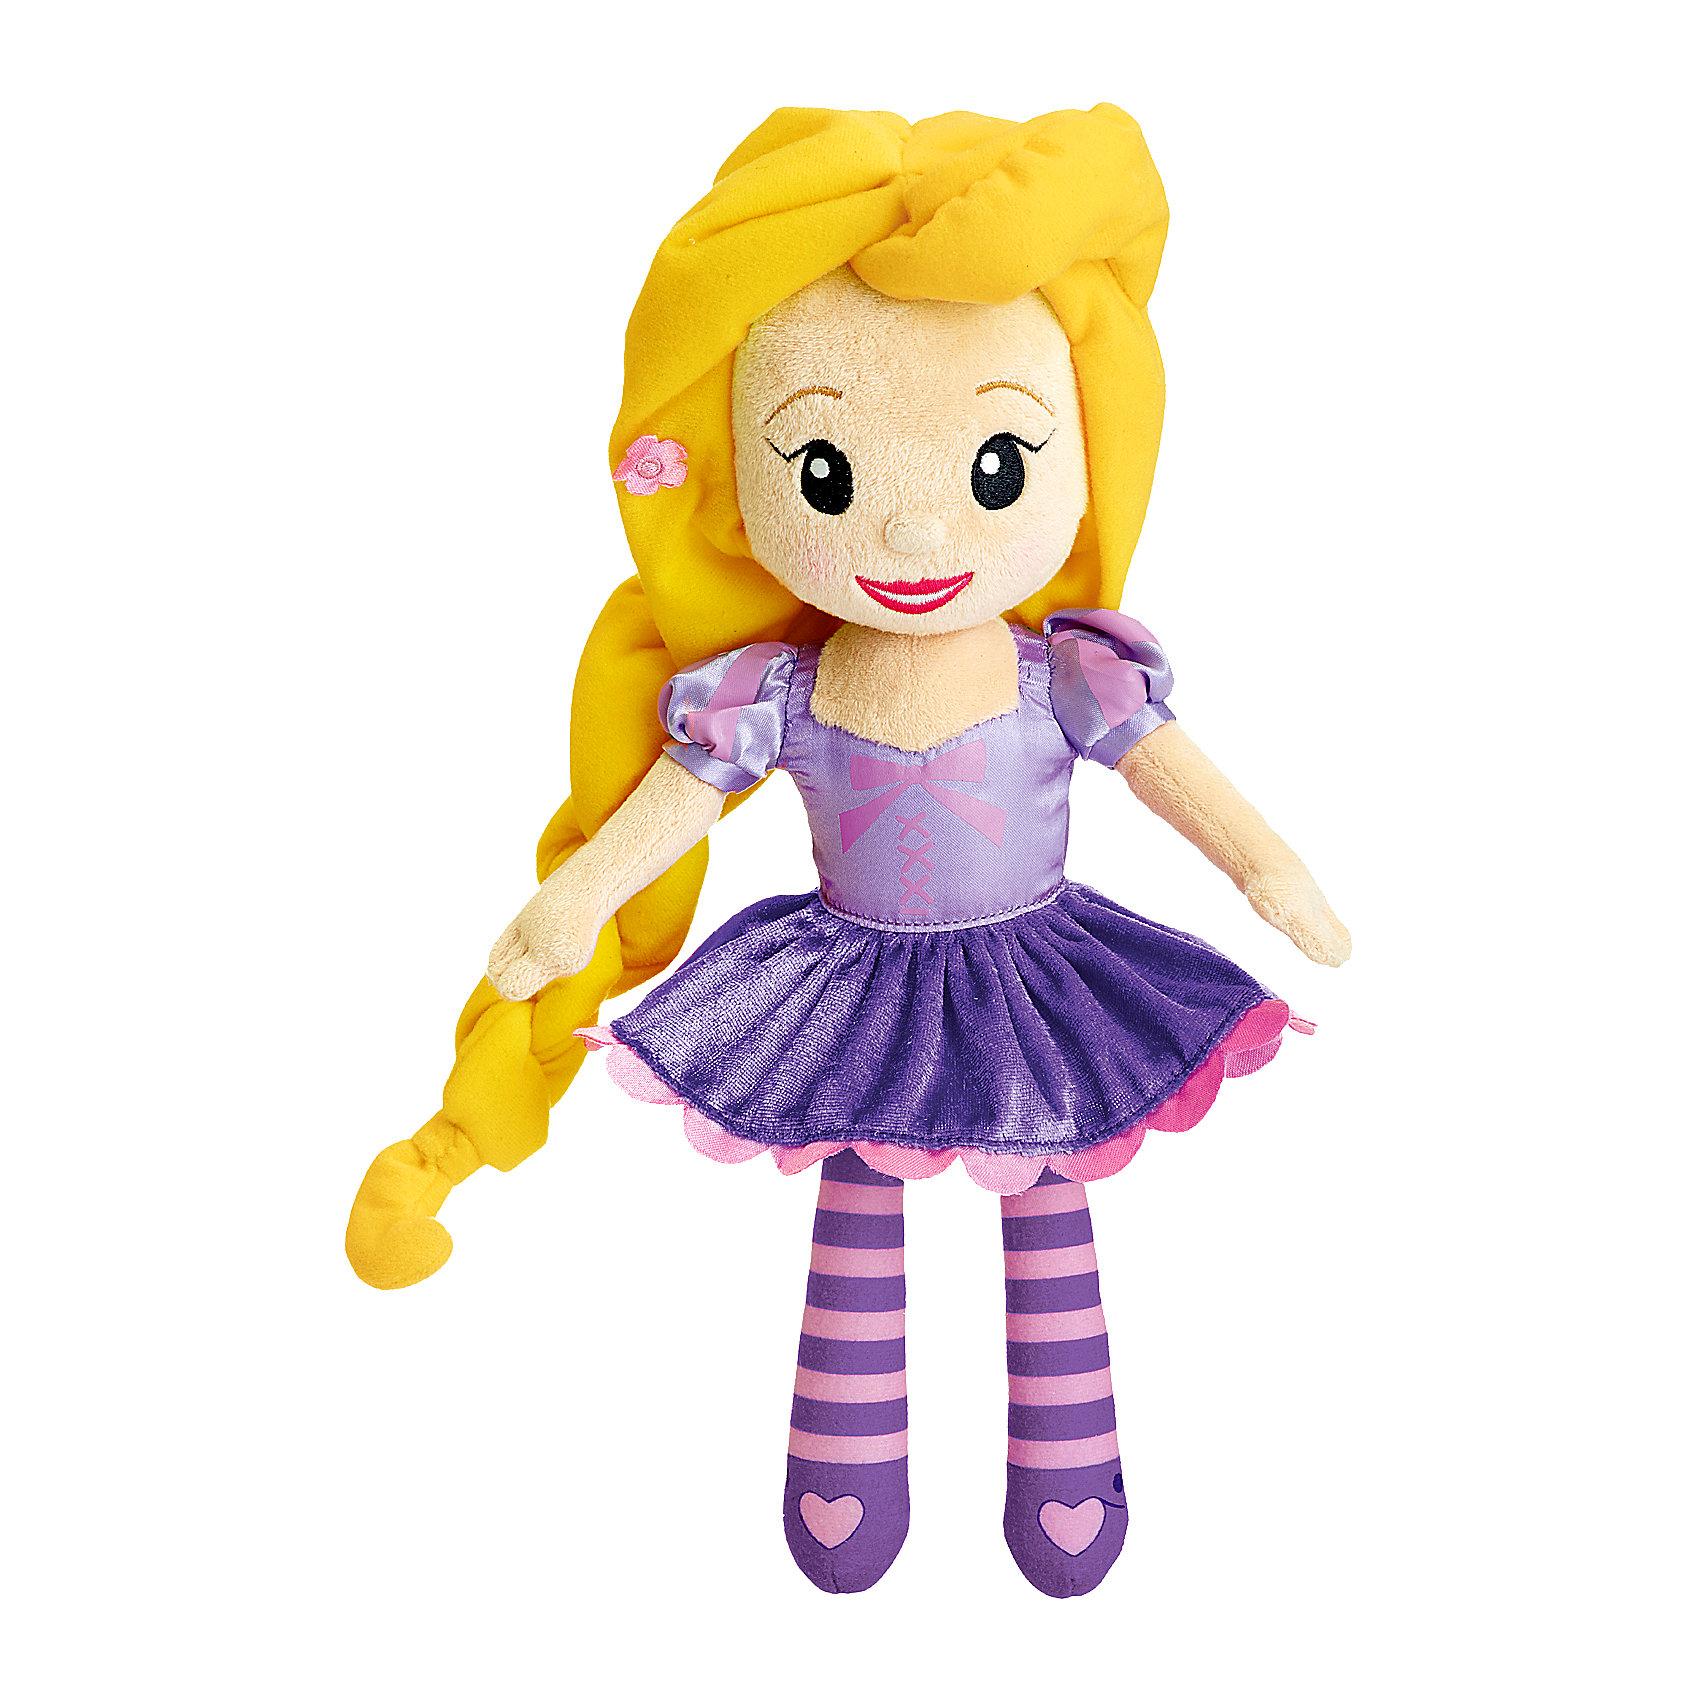 CHICCO Мягкая игрушка с мелодией Рапунцель, Disney, CHICCO hasbro кукла рапунцель принцессы дисней